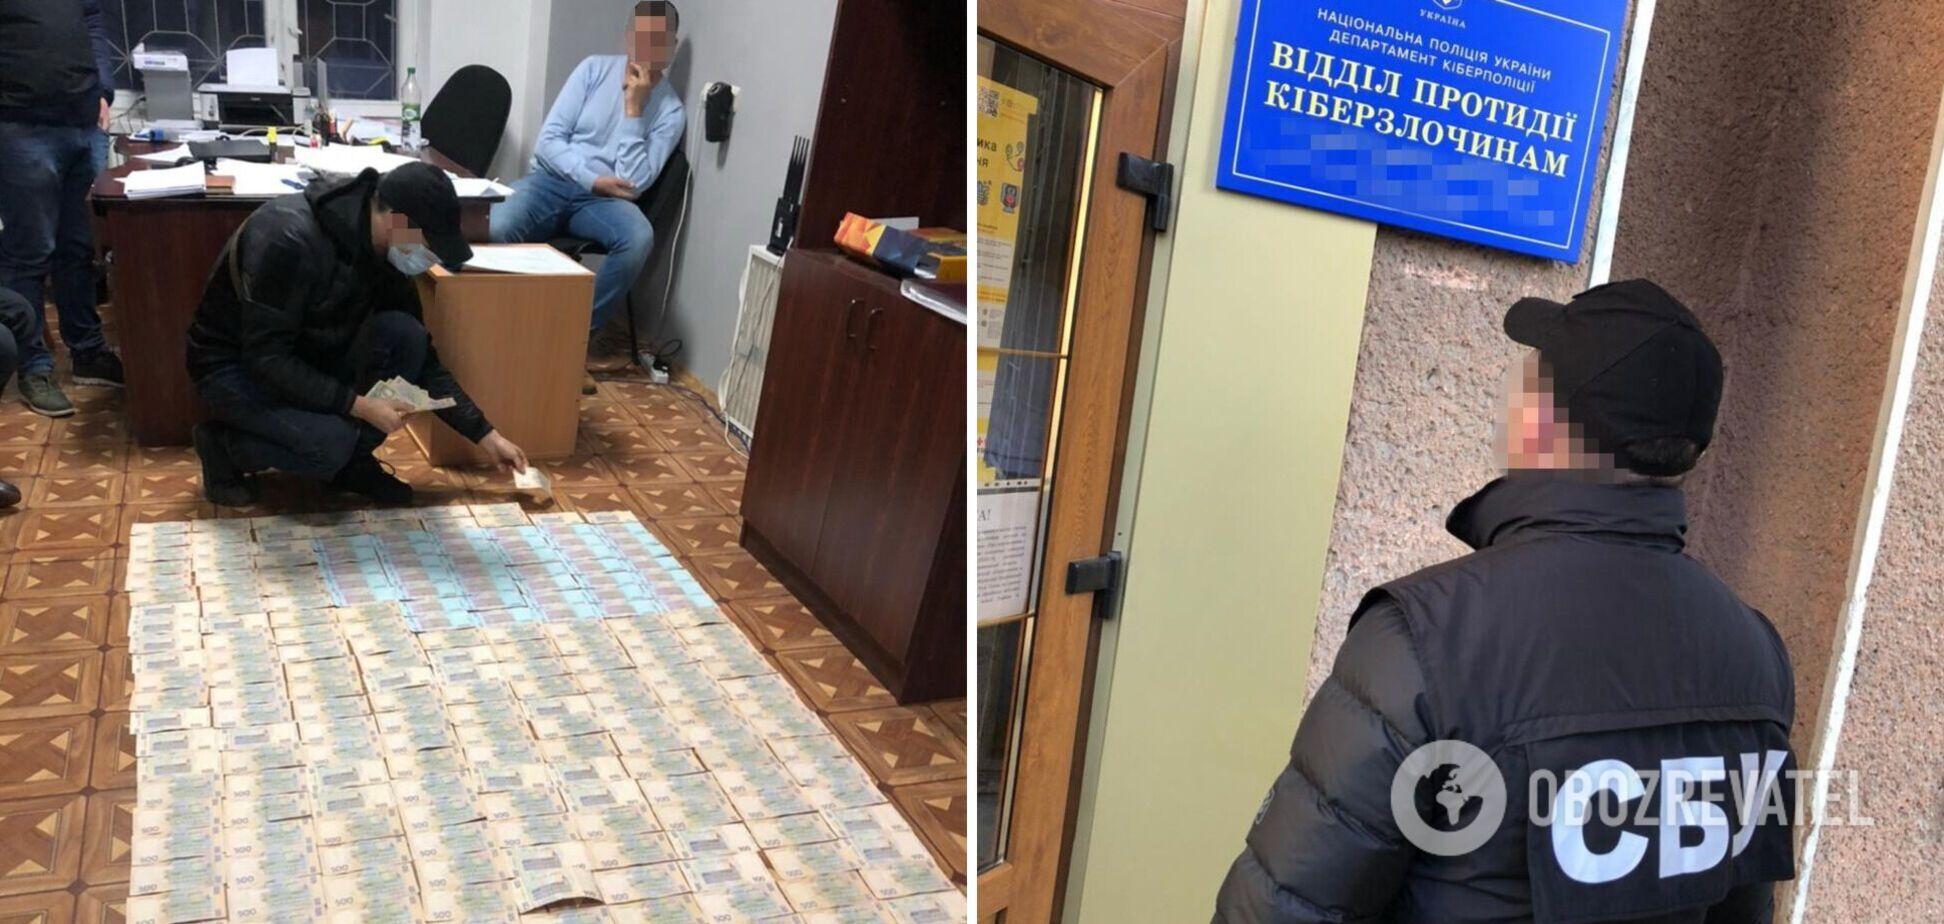 На Прикарпатье киберполицейские хотели 'долю' в 150 тыс. гривен за украденные хакерами деньги с карты